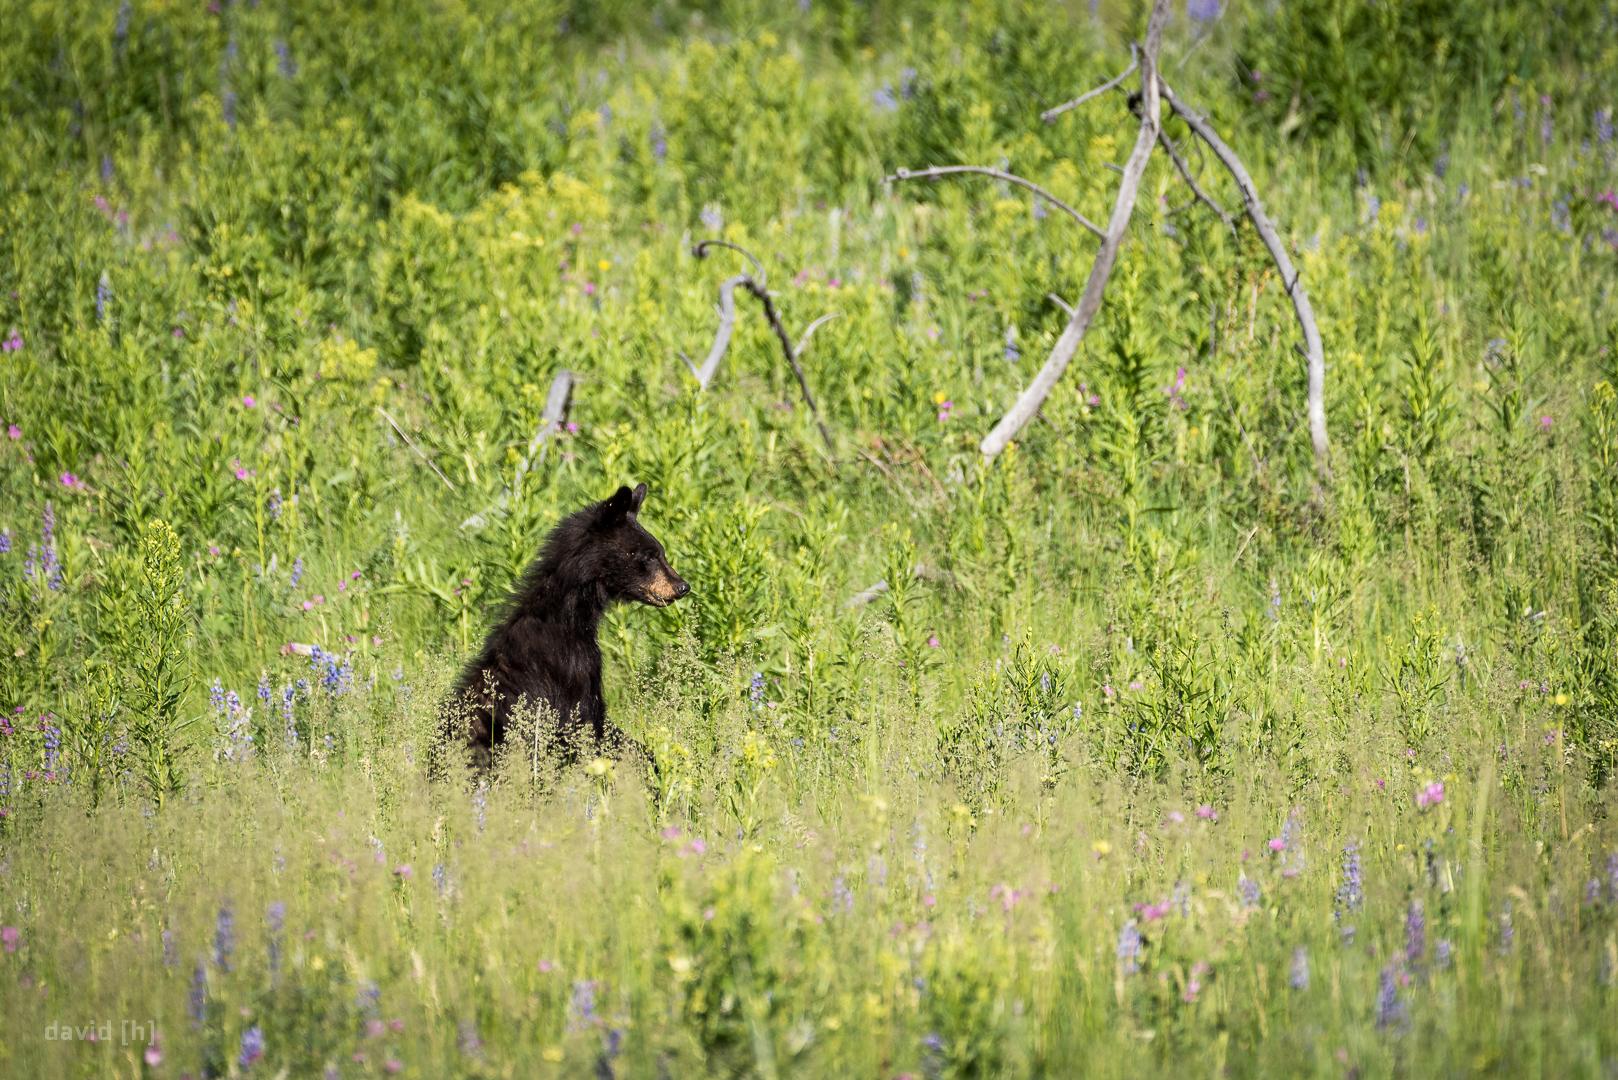 2017-06-25_Yellowstone_0057.jpg